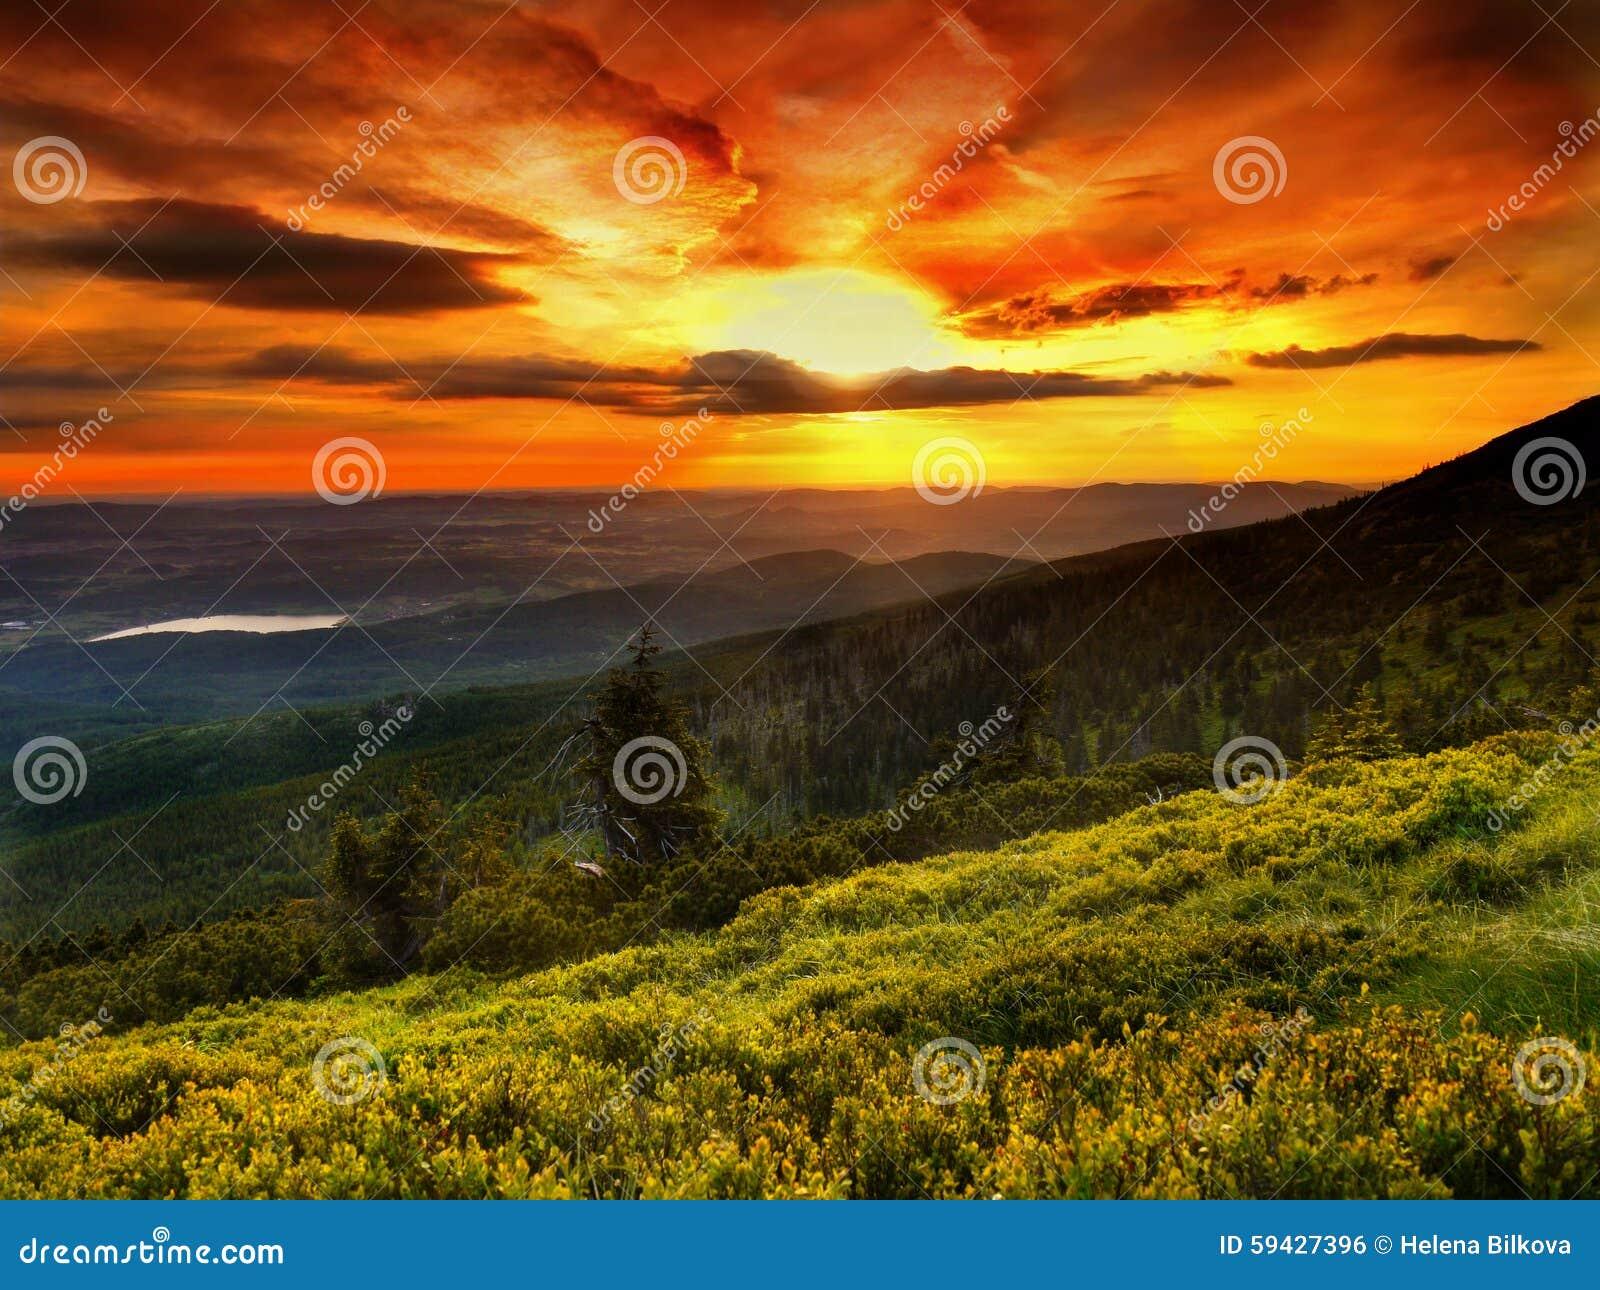 Krajobraz, Magiczni colours, wschód słońca, Halna łąka